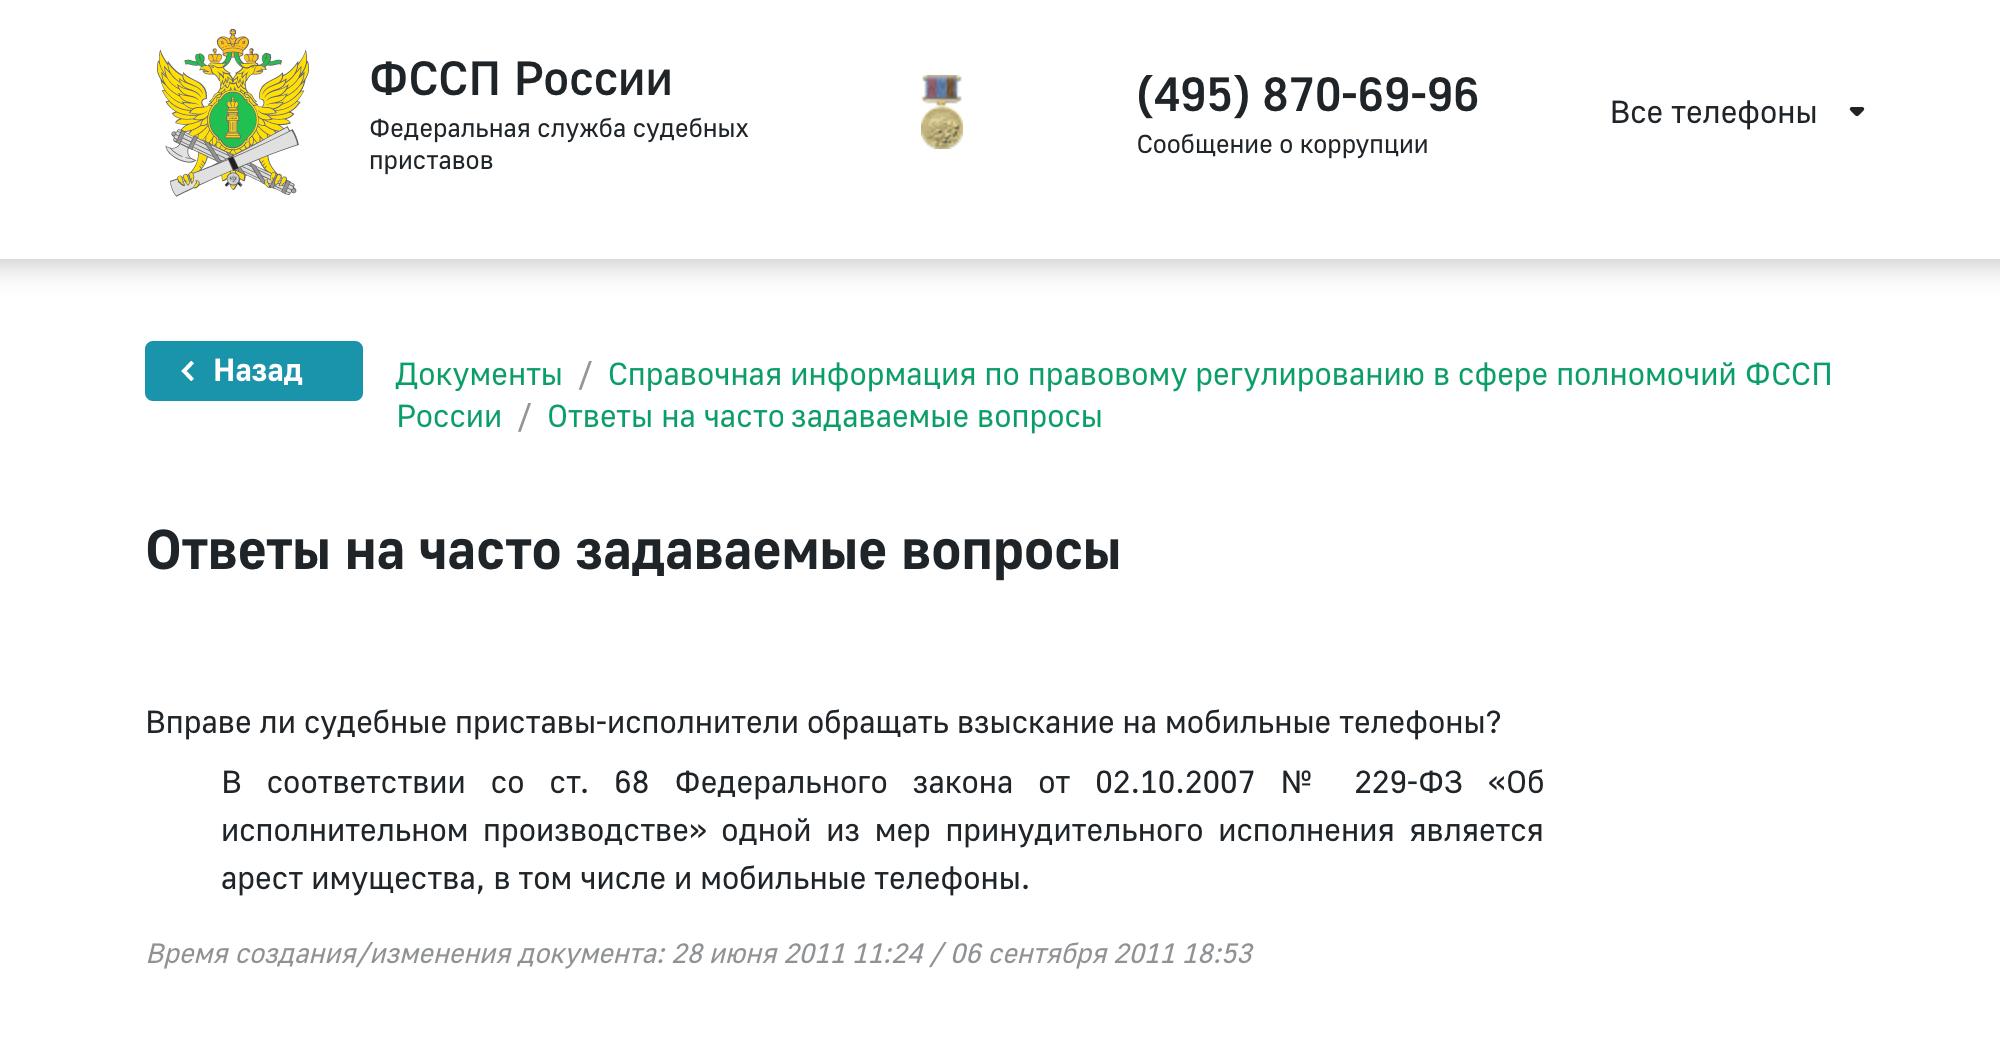 «Телефон могут забрать», — отвечают приставы на сайте ФССПРФ